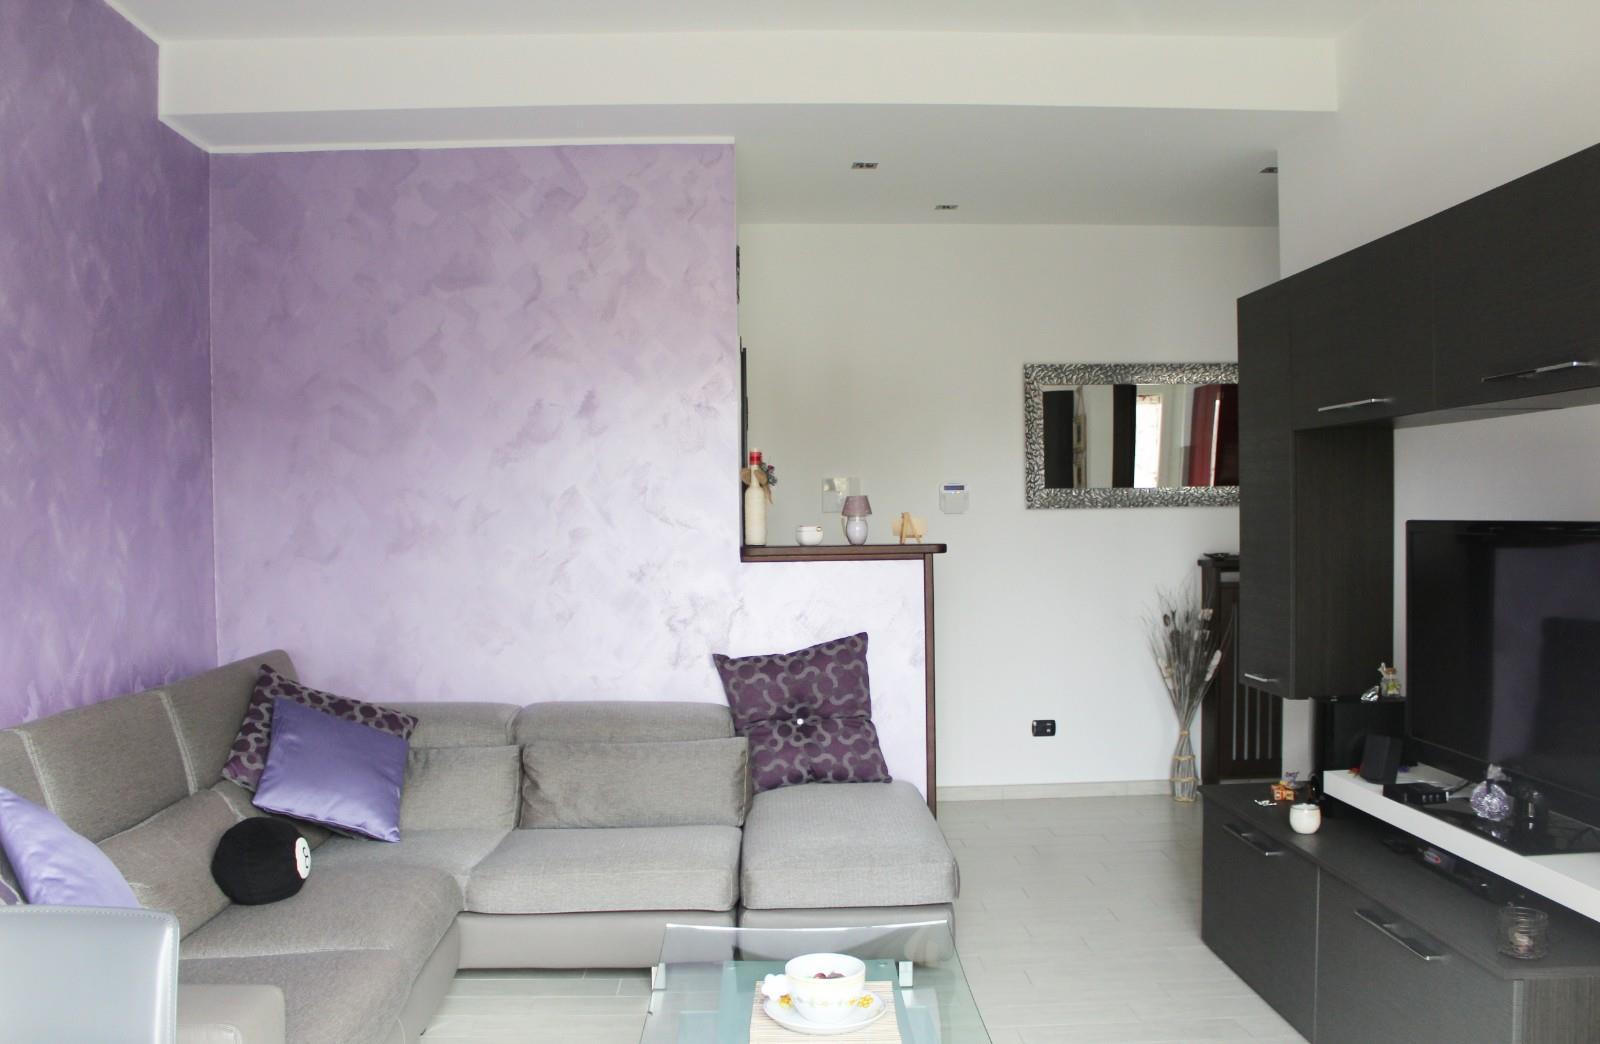 Foto 7 - Appartamento in Vendita - Carate Brianza (Monza e Brianza)